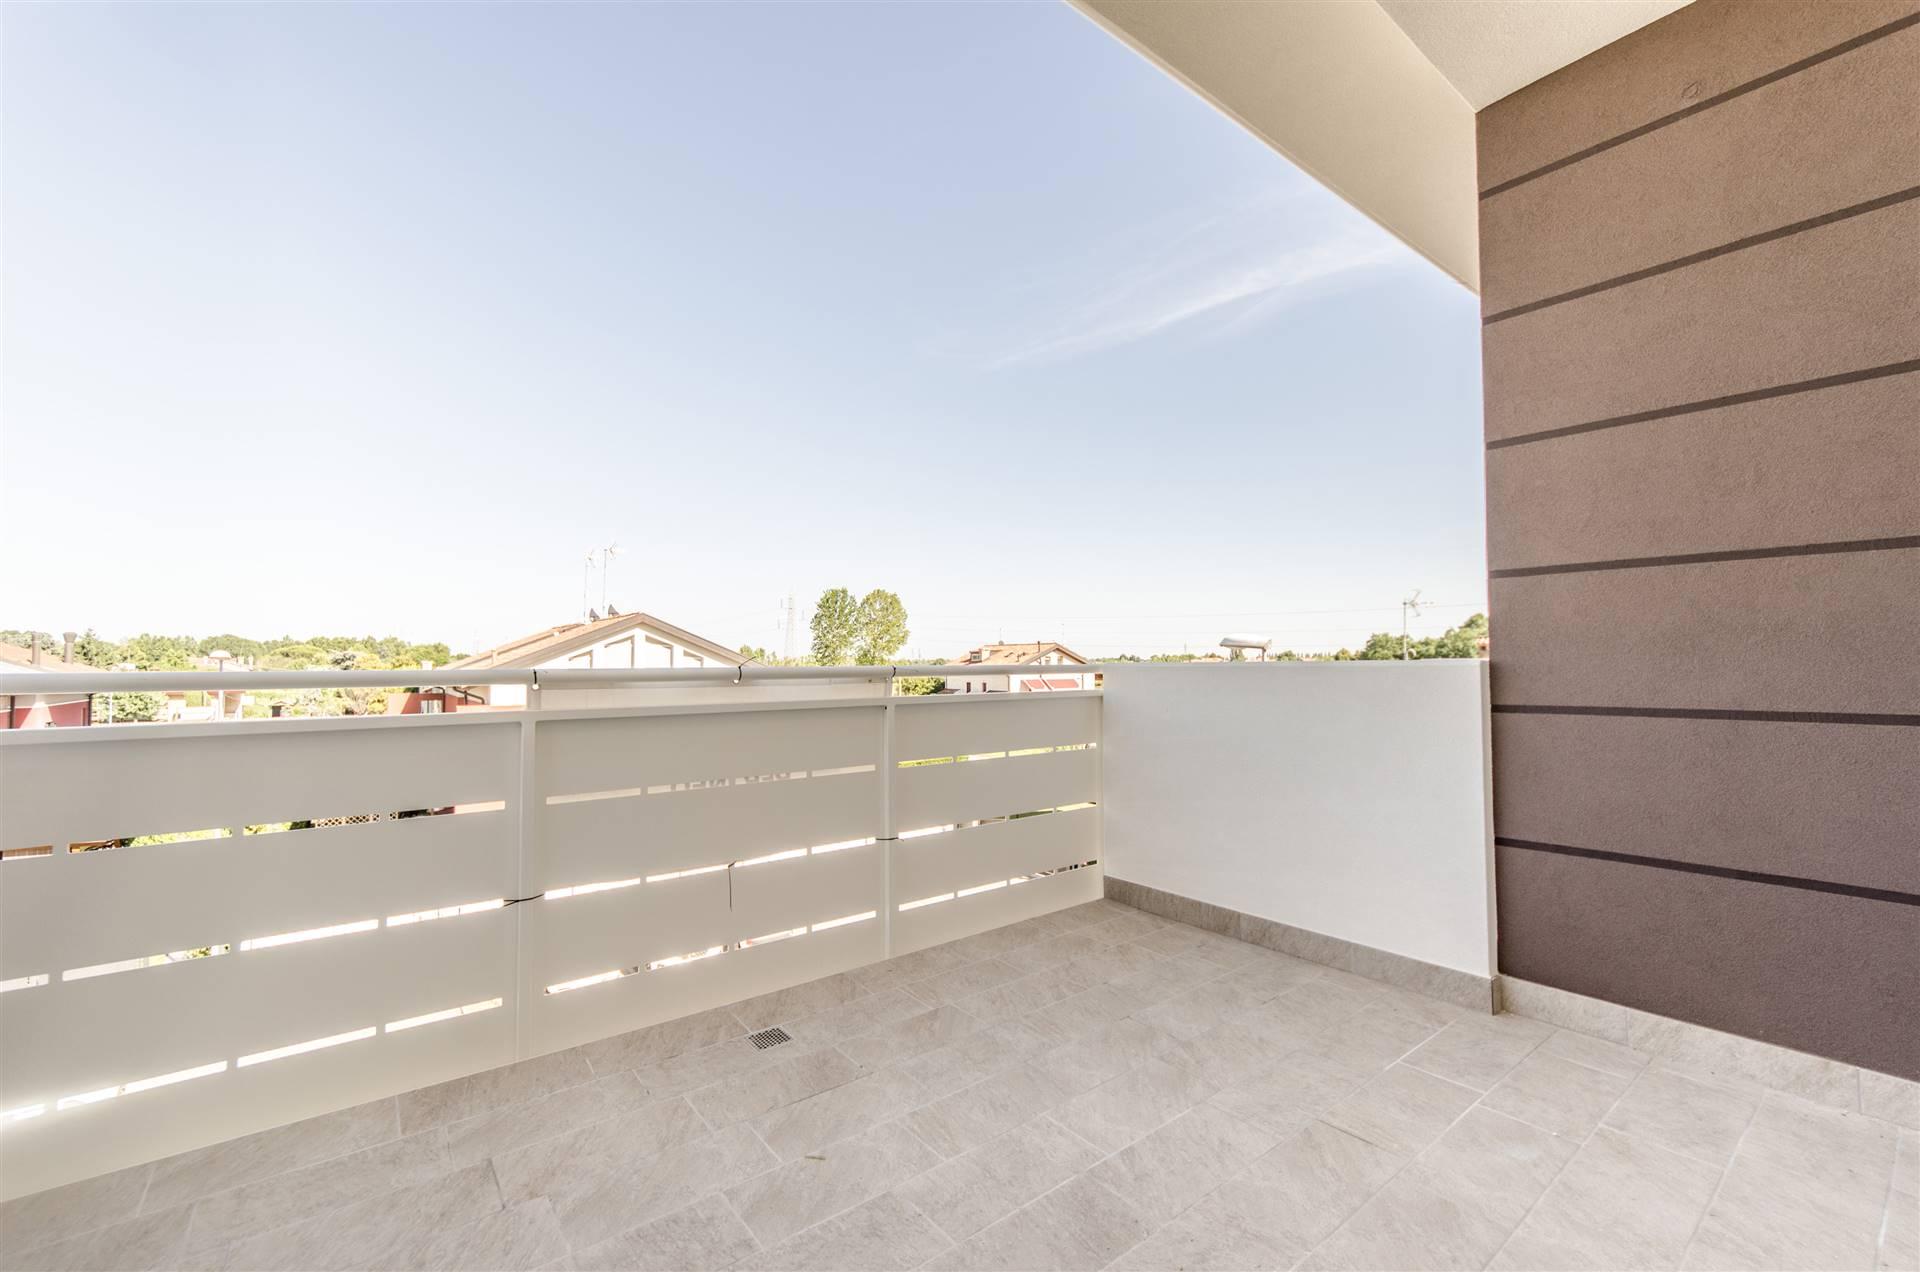 Appartamento in vendita a Mirano, 4 locali, zona tenigo, prezzo € 248.000 | PortaleAgenzieImmobiliari.it